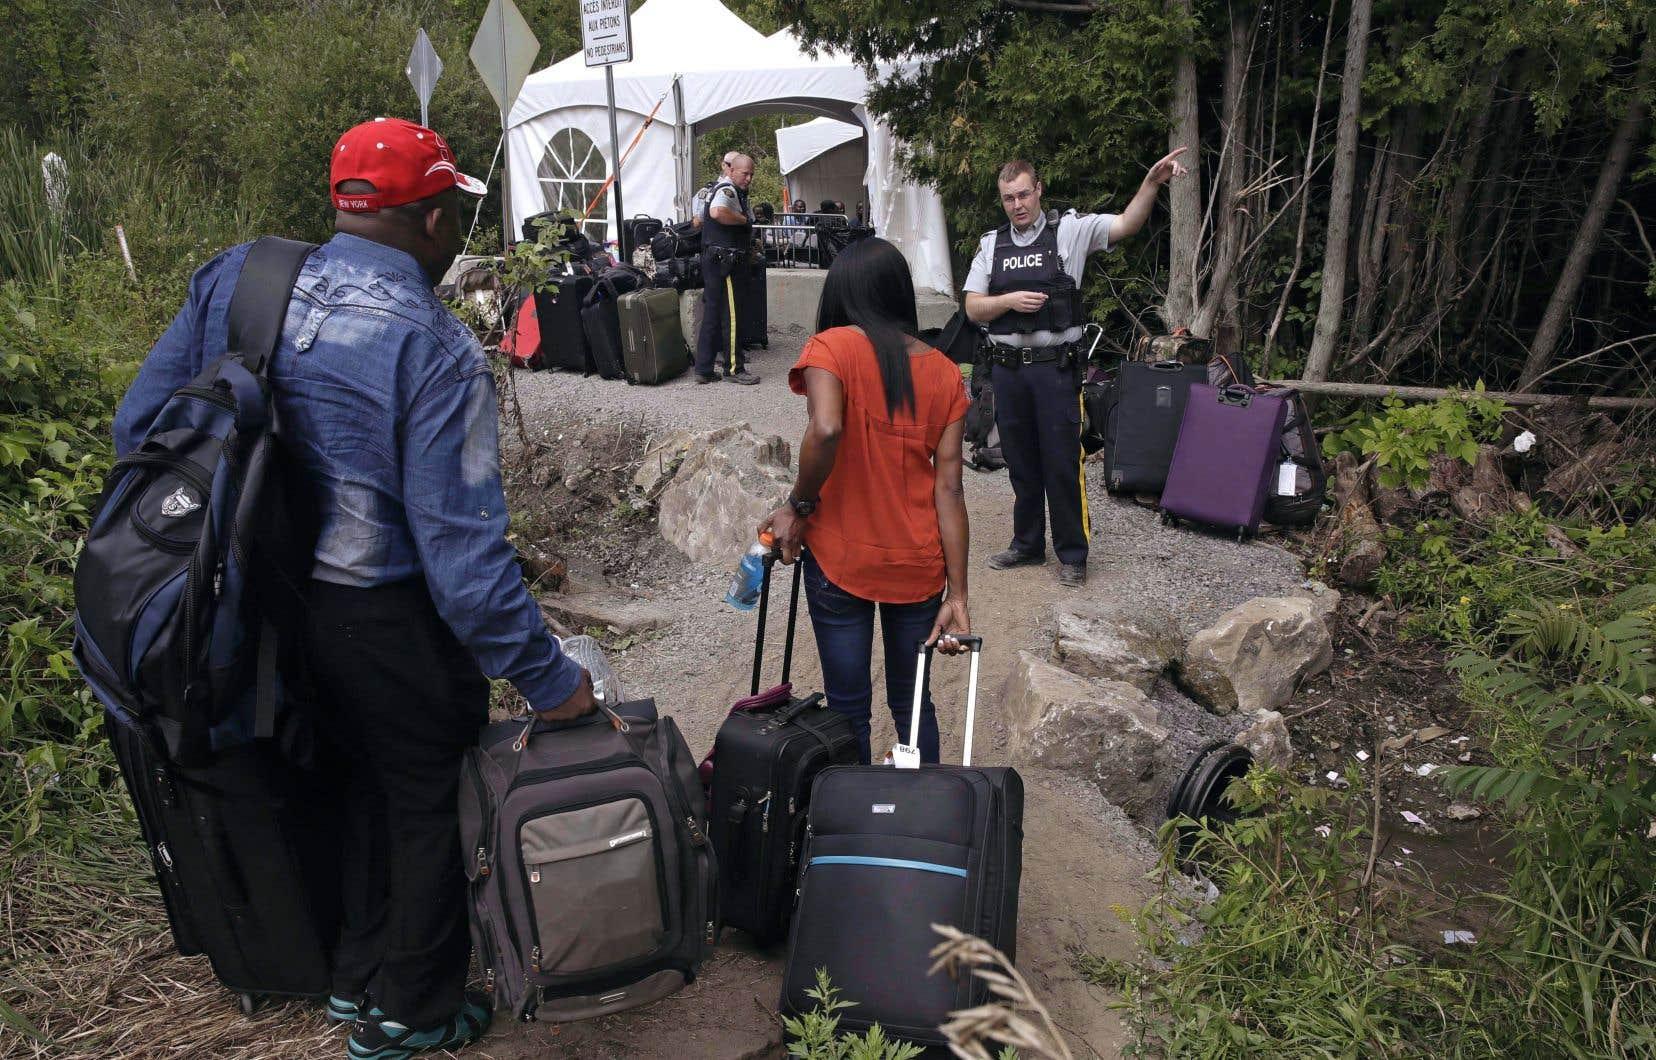 Un mémo interne souligne que l'accord sur les tiers pays sûrs est l'un des principaux coupables de l'augmentation du nombre de migrants irréguliers, puisqu'il «incite les migrants à franchir de manière irrégulière notre frontière entre deux points d'entrée».